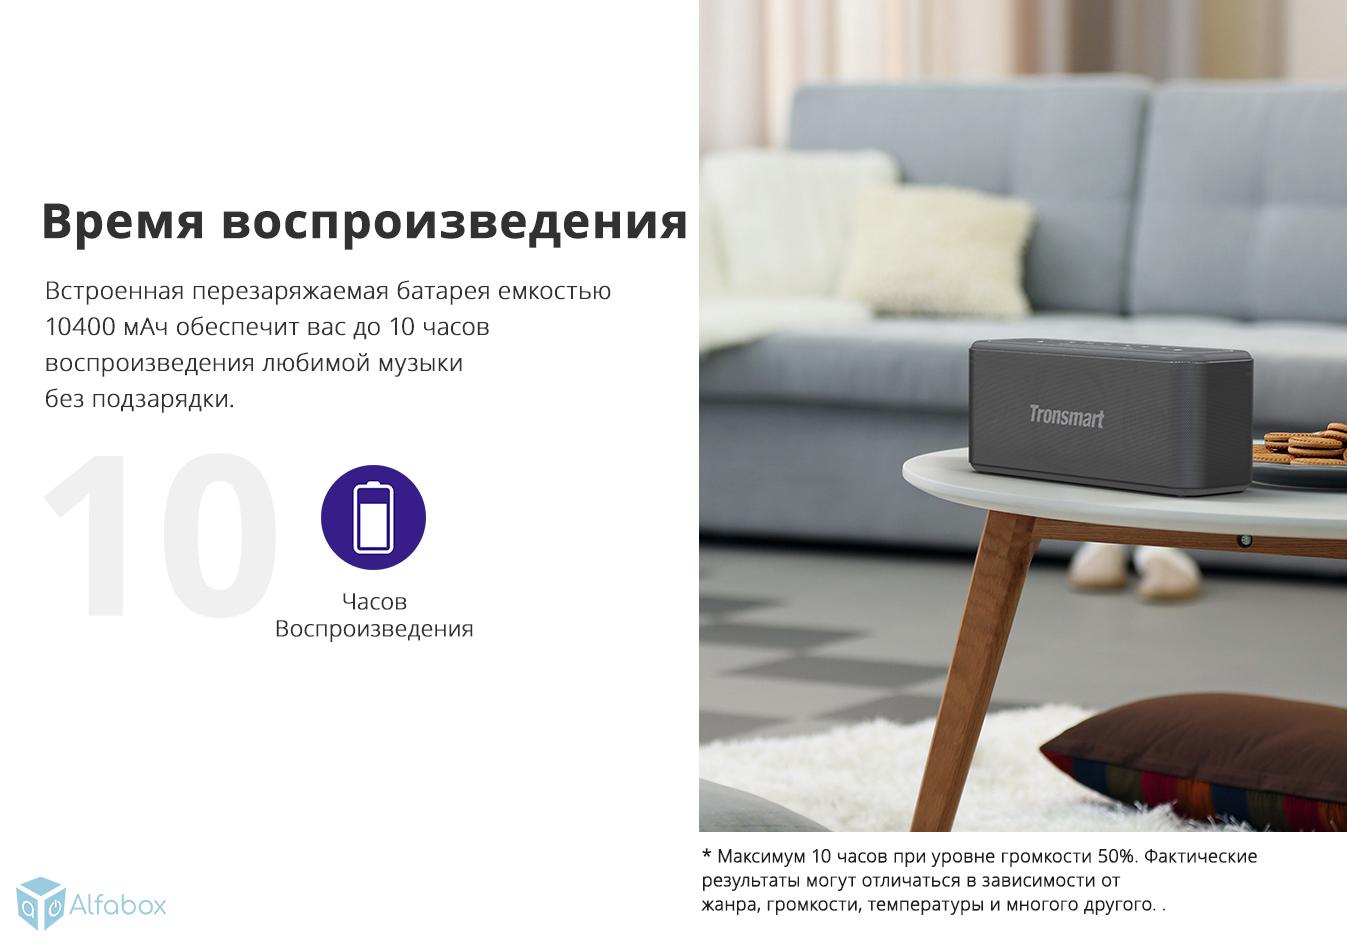 Tronsmart Mega Pro купить в украине